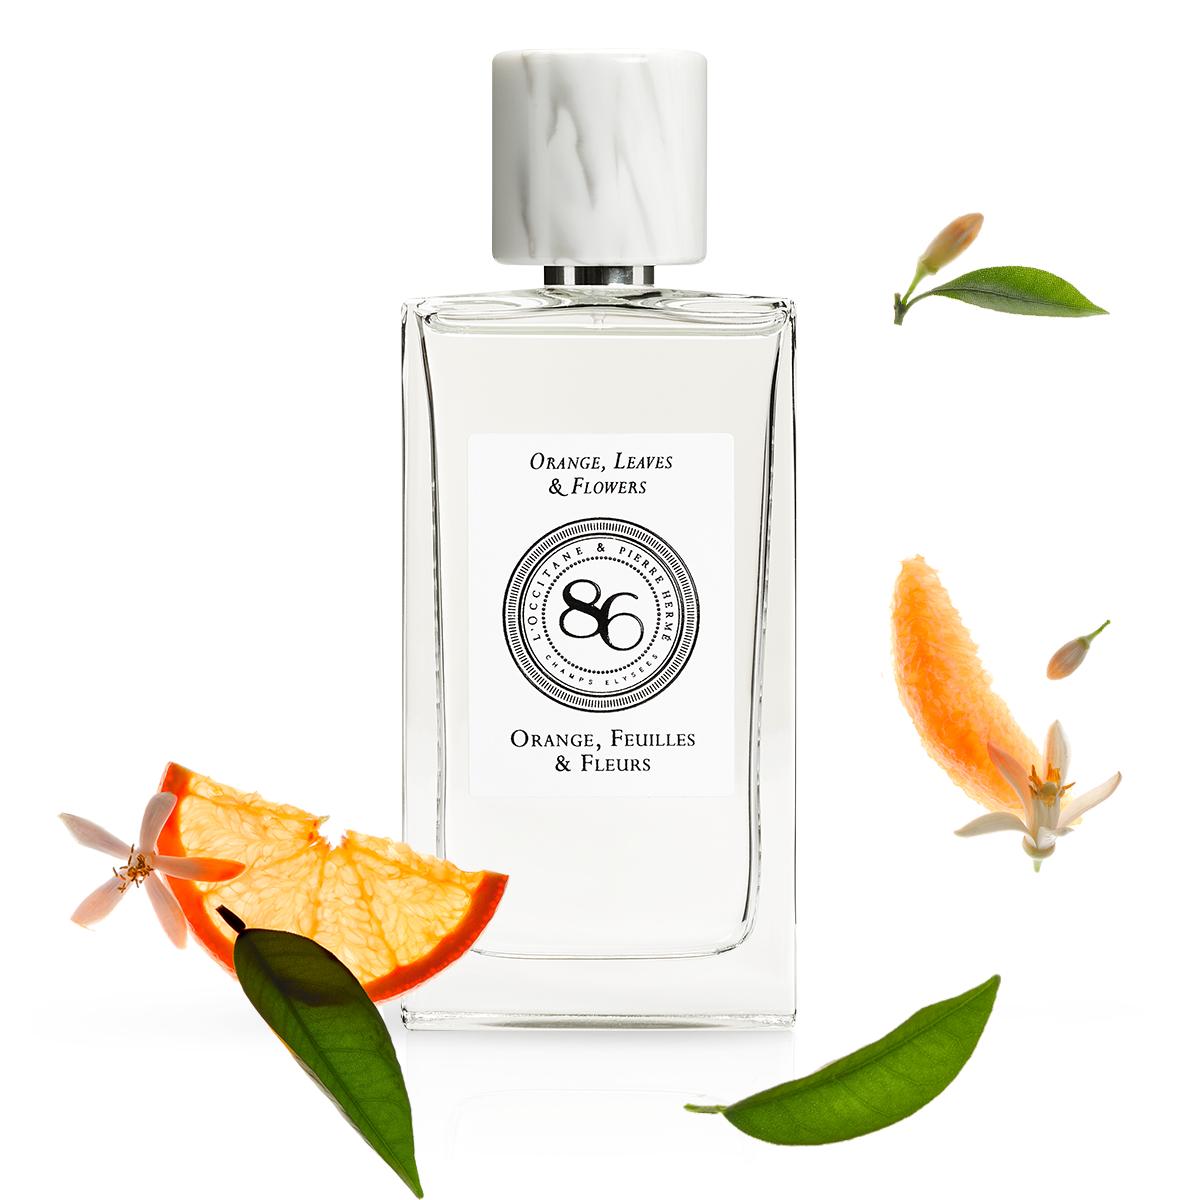 Pierre Hermé 86 Orange, Leaves & Flowers Eau de Parfum